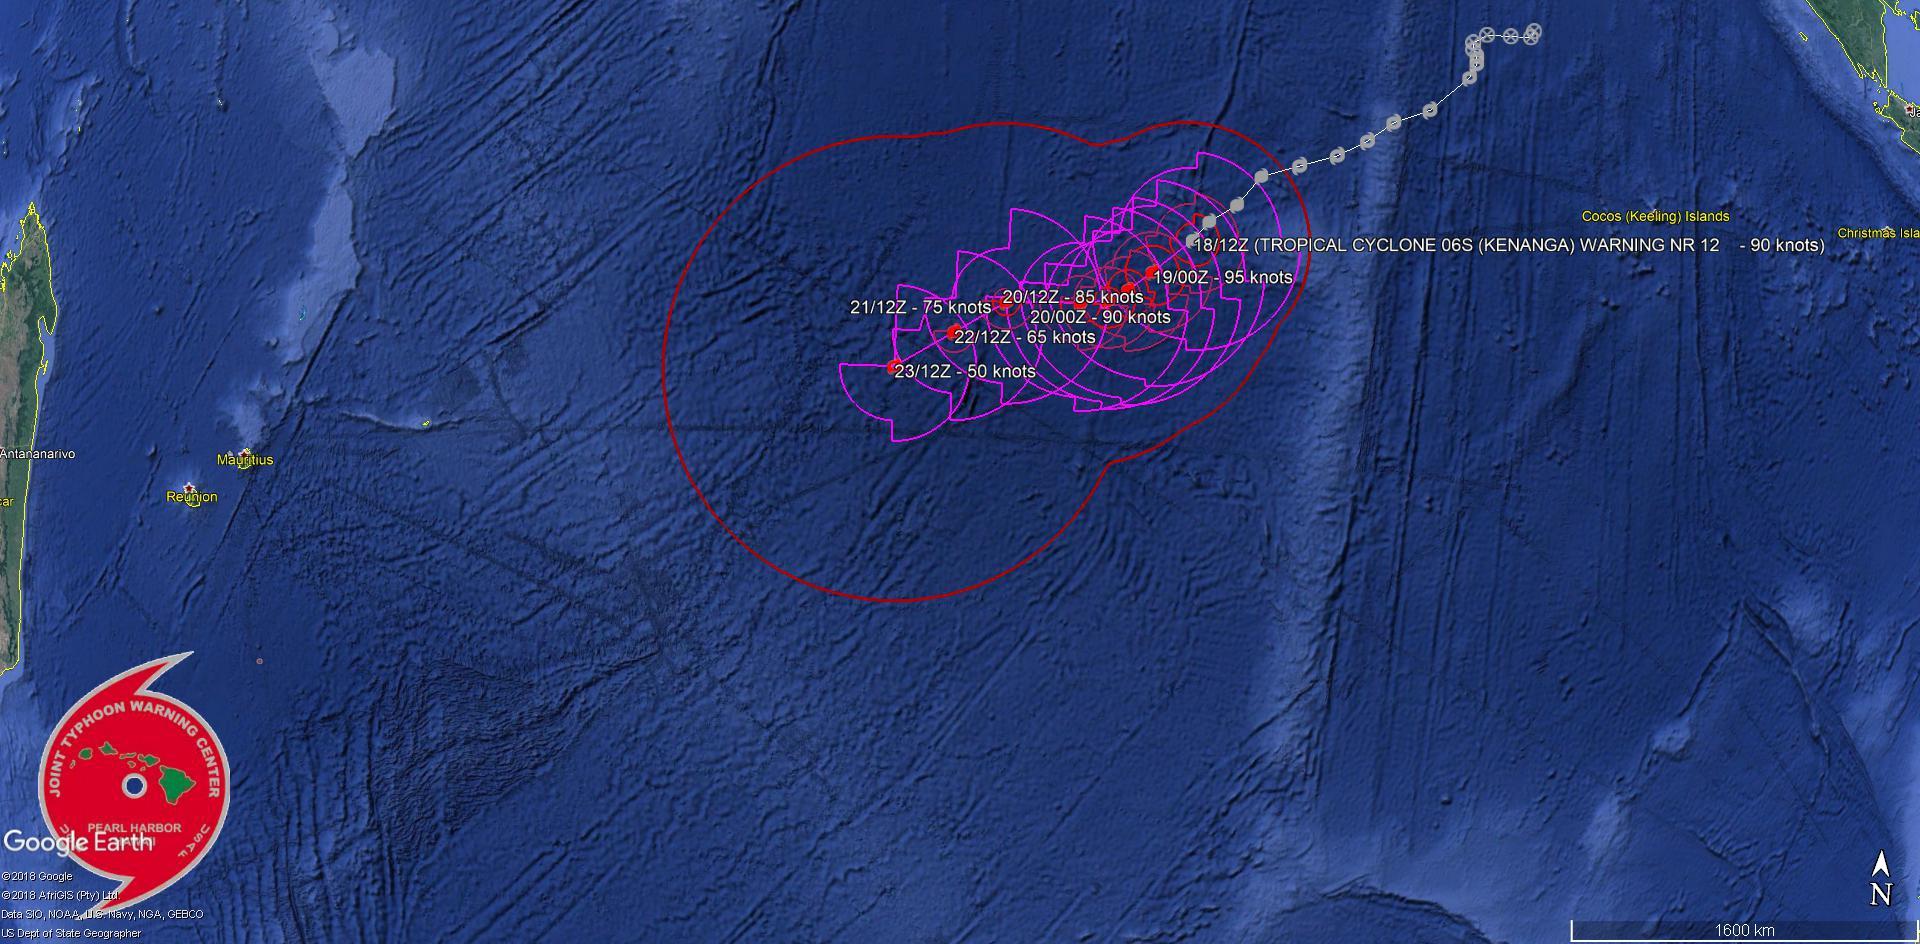 A 16h le cyclone était localisé à 2220km de Rodrigues. Dans 5 jours il pourrait se trouver à 1350km à l'est de Rodrigues en cours d'affaiblissement en simple tempête modérée.